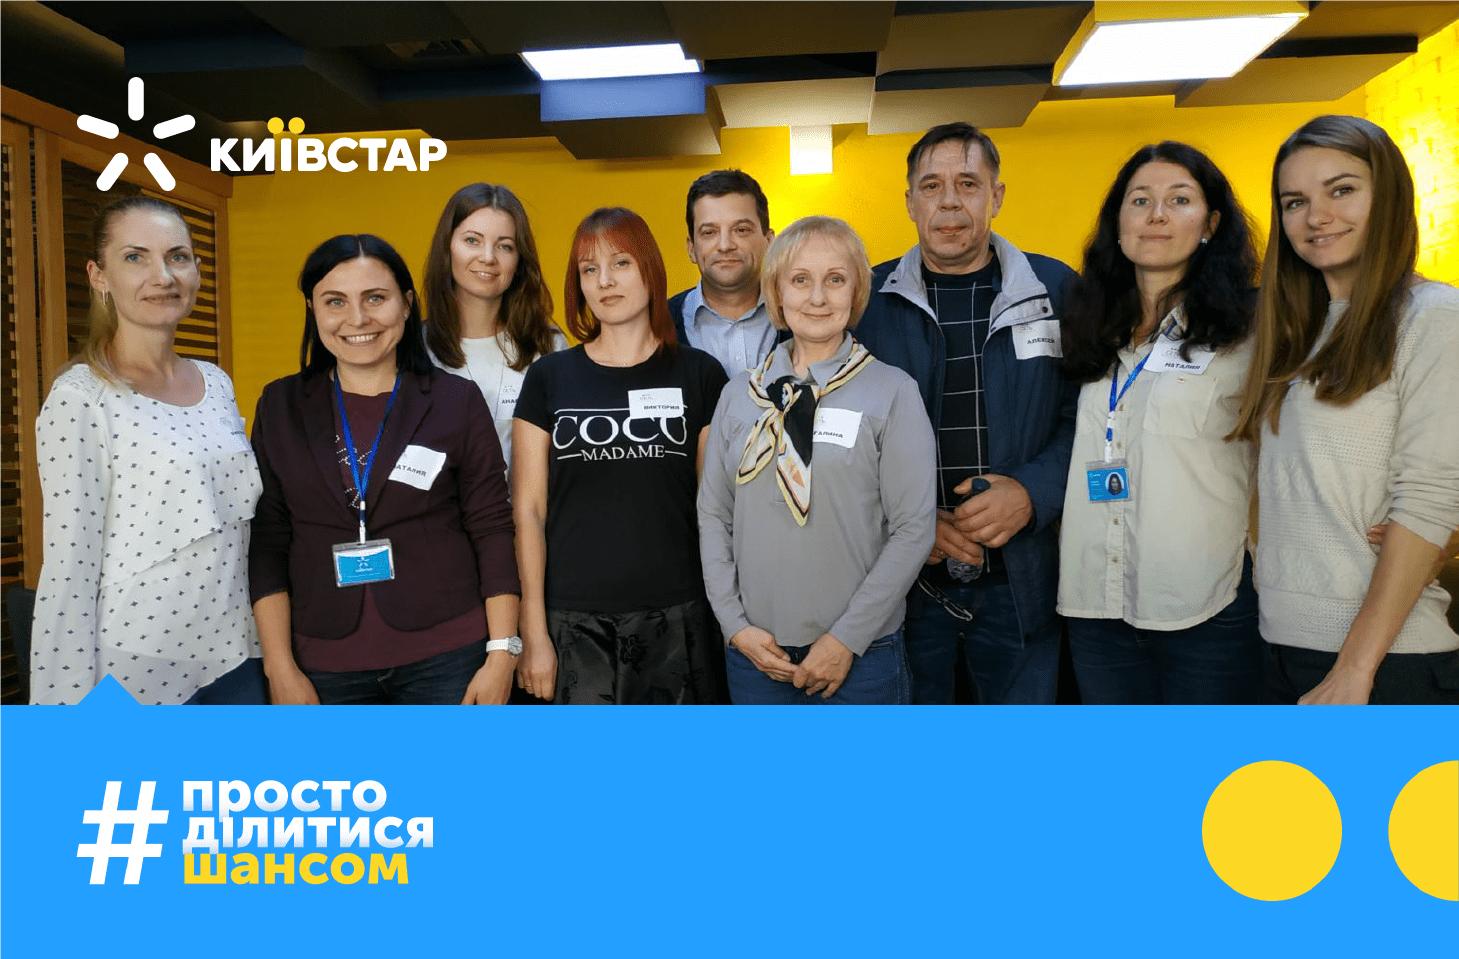 Returnship2020: стартував другий набір стажерів, які хочуть повернутися в кар'єру | Kyivstar Business Hub зображення №2